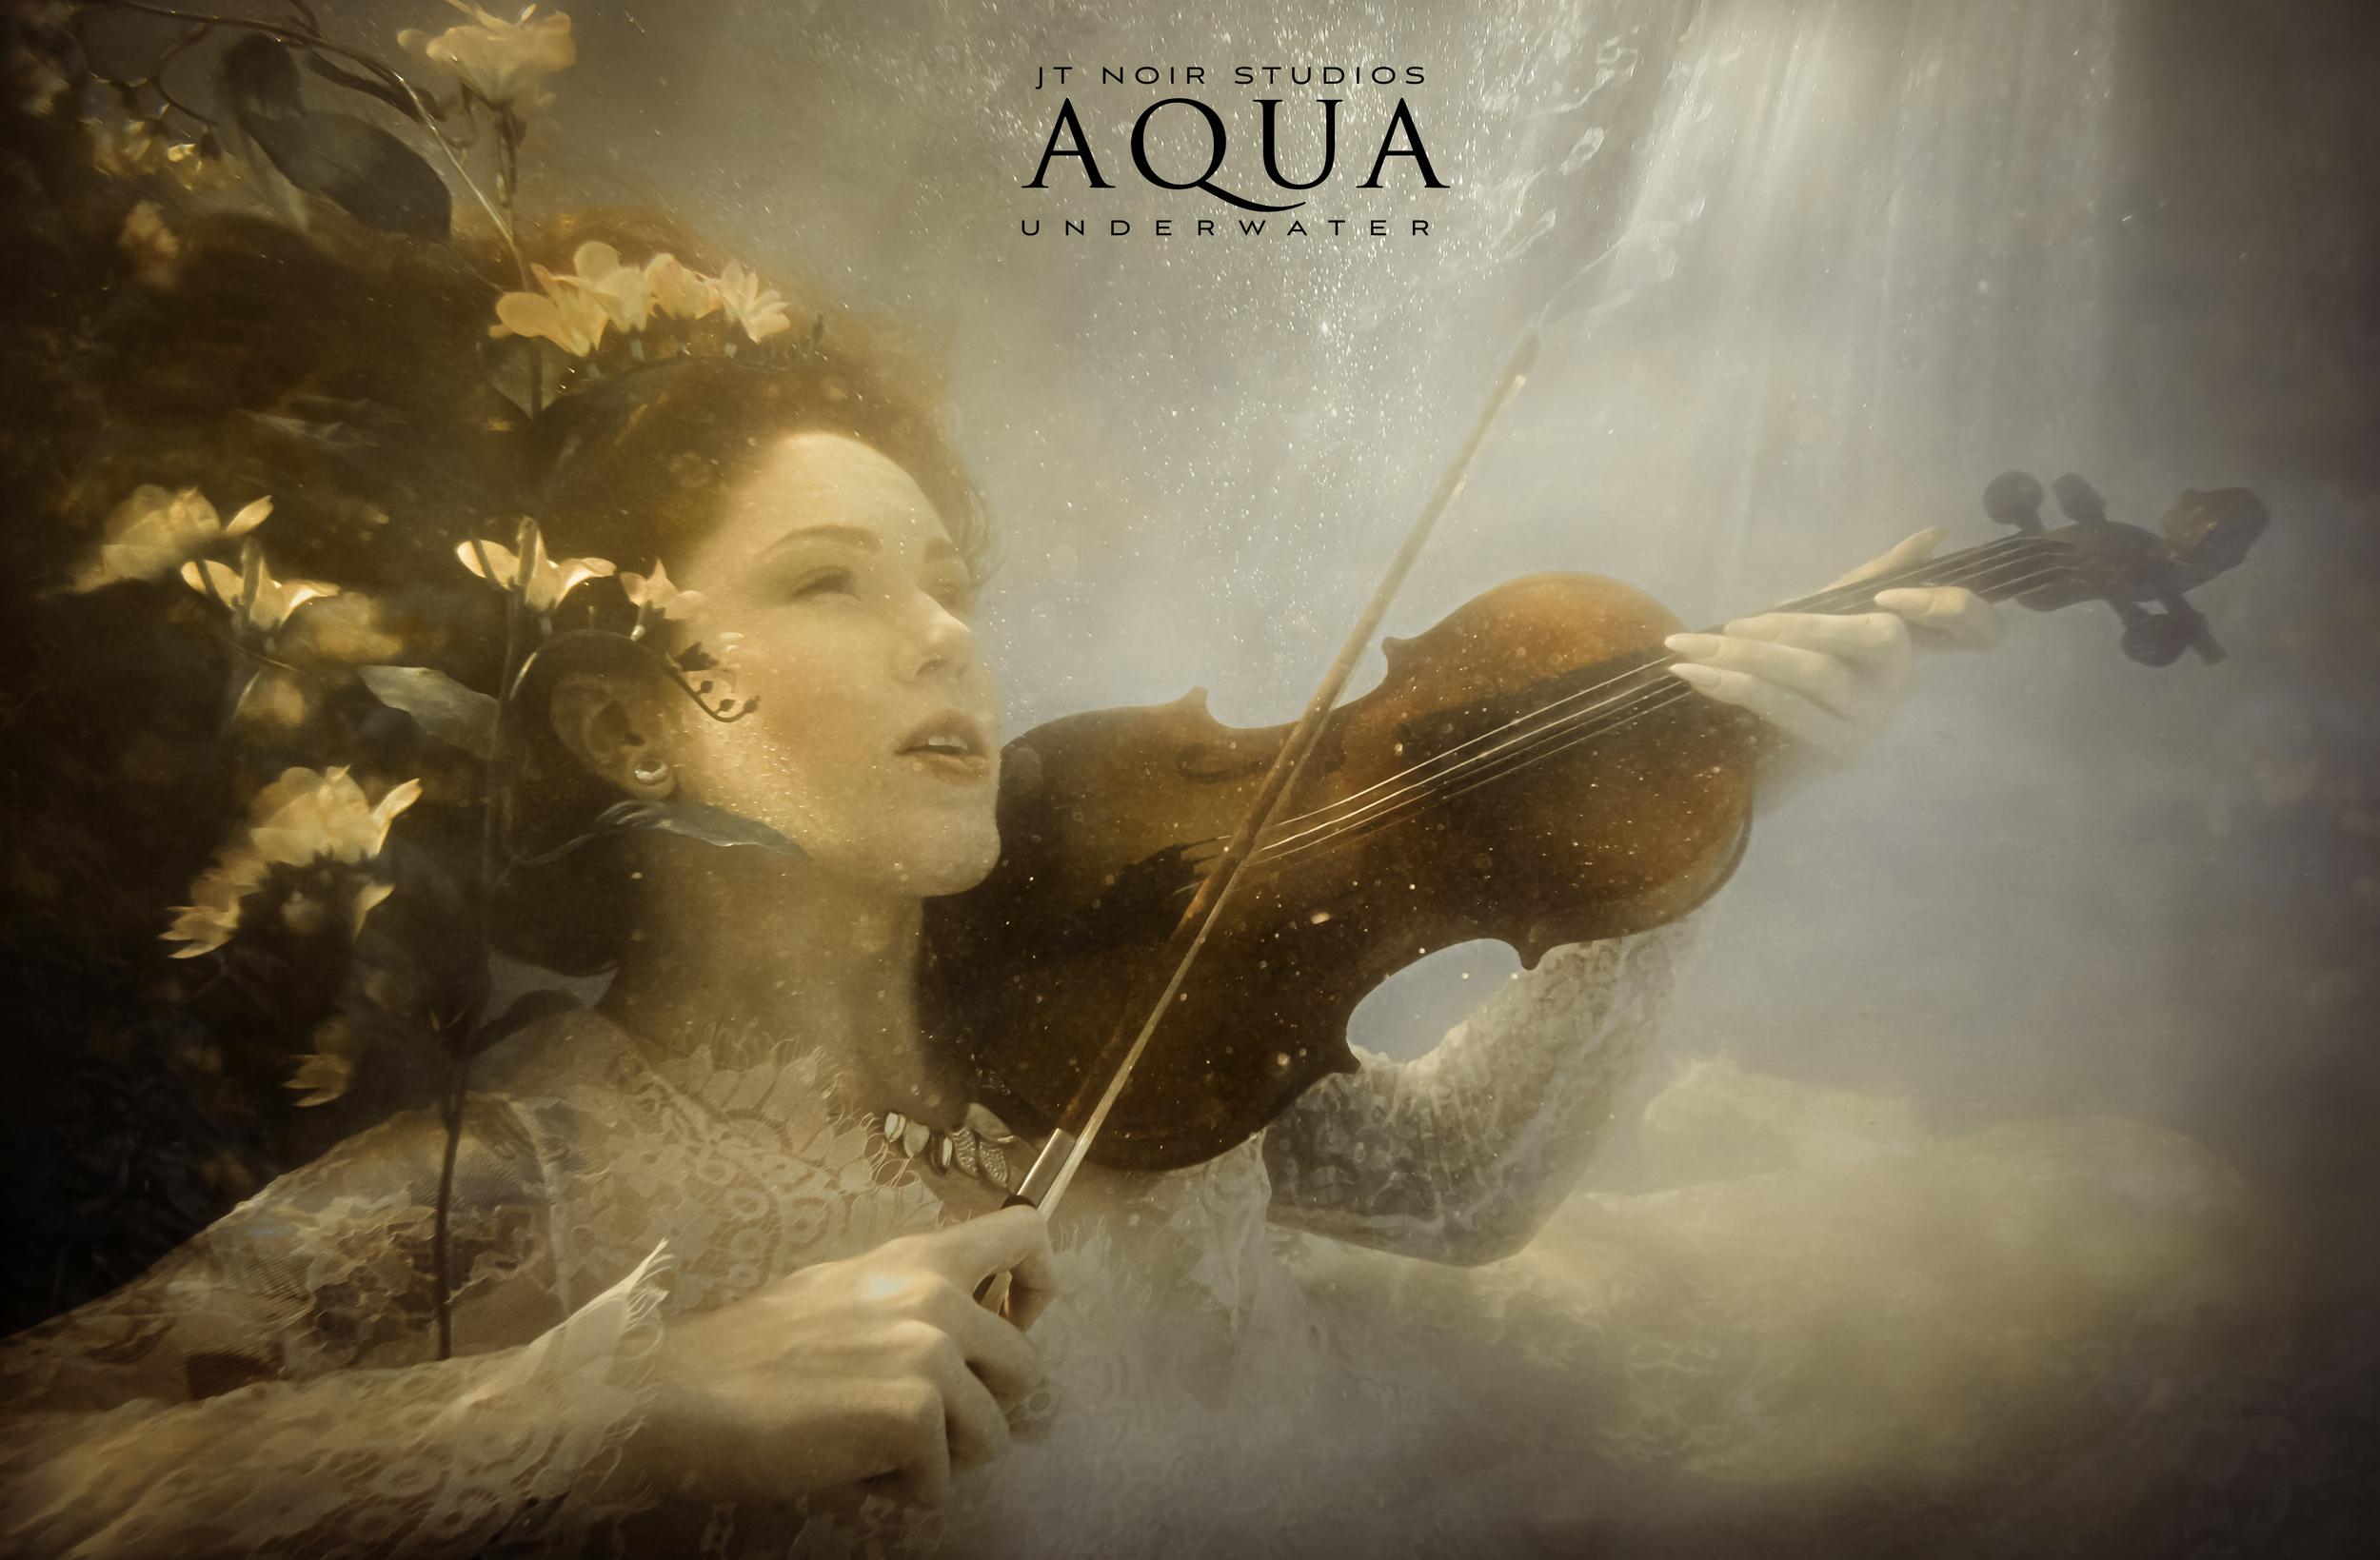 JTAqua_Underwater_Violin_Viven_2016.jpg